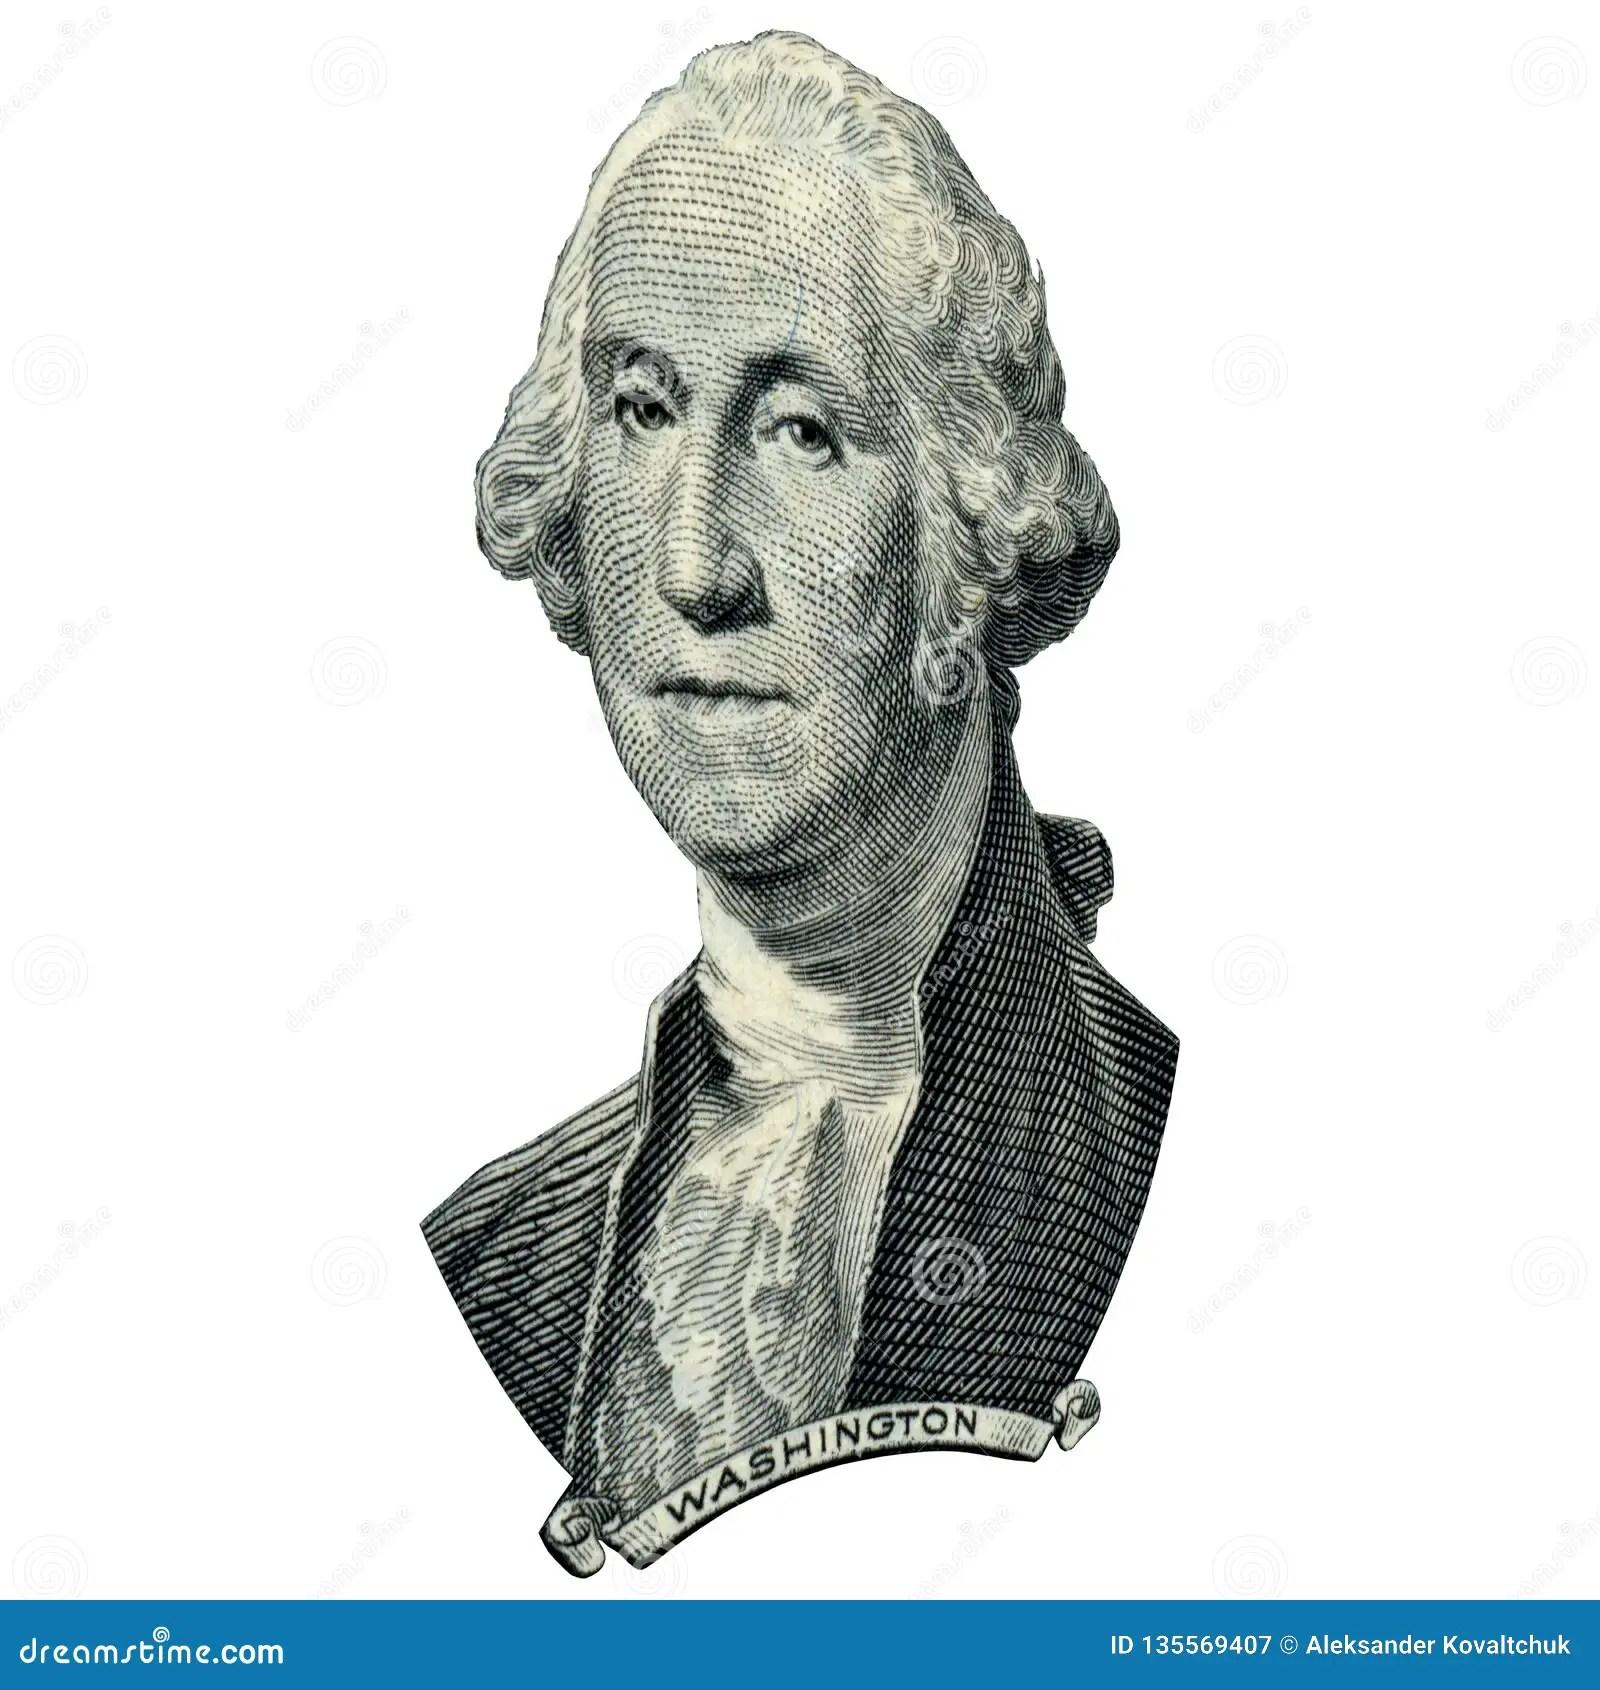 President Washington George Portrait Stock Image